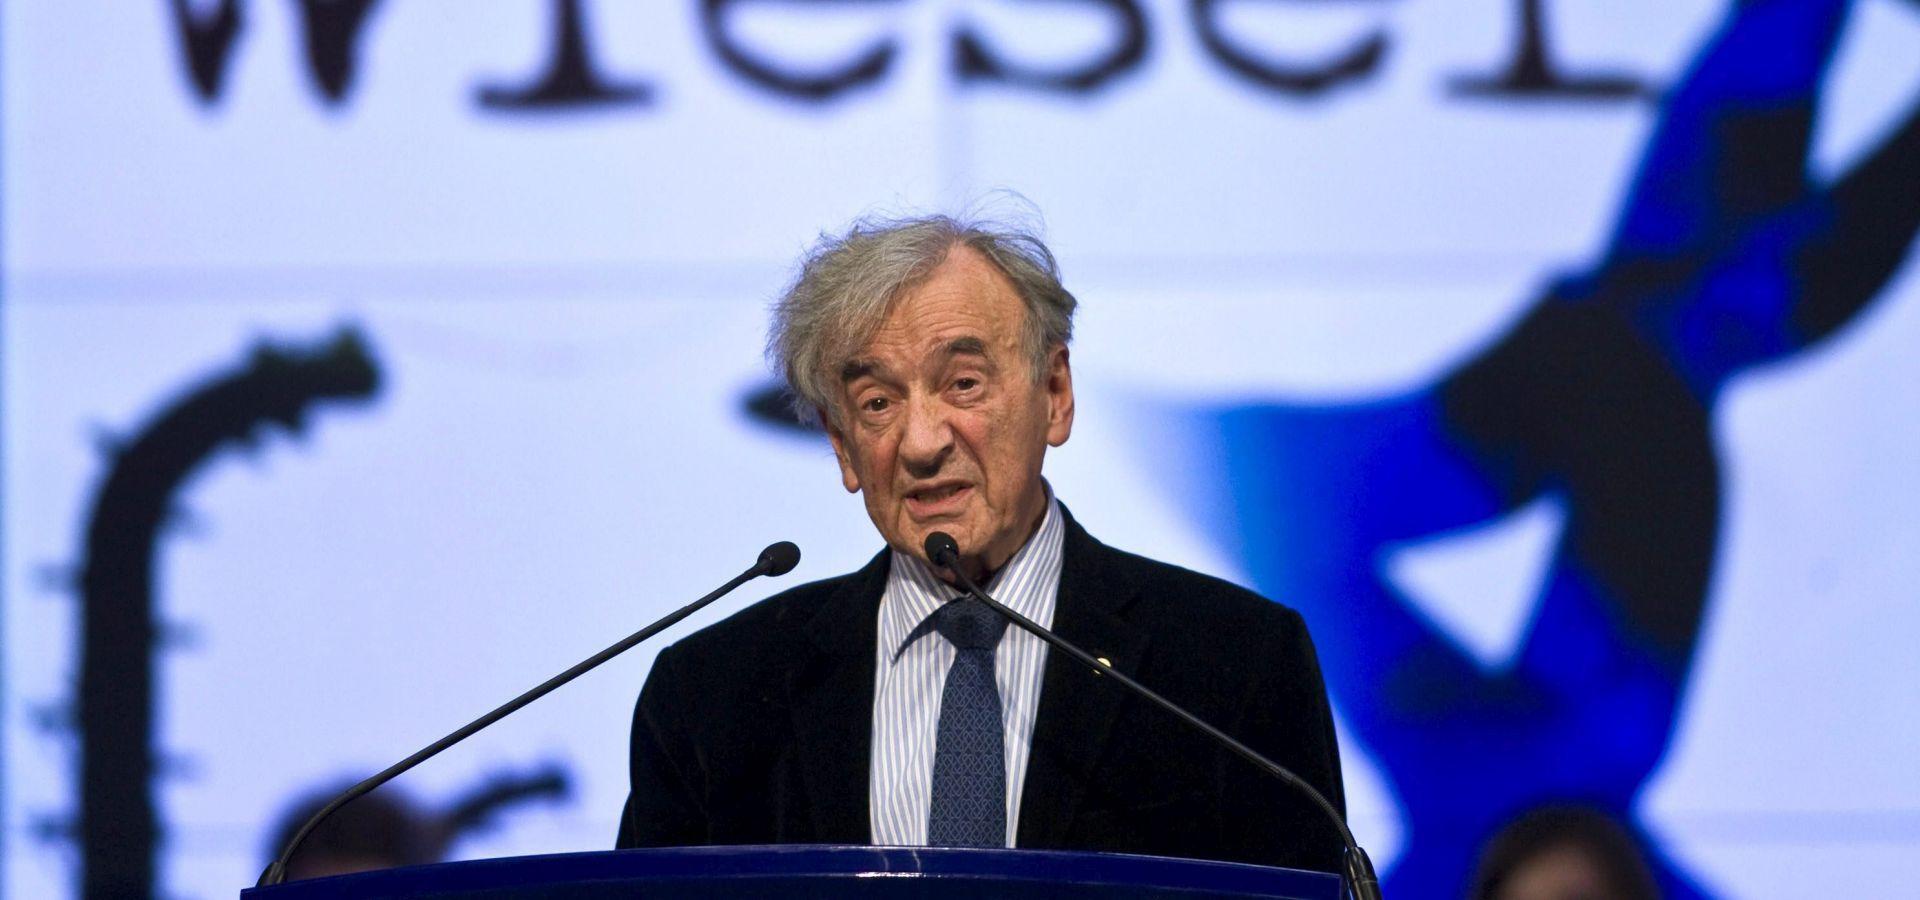 Umro Elie Wiesel, bivši zatočenik Auschwitza i dobitnik Nobelove nagrade